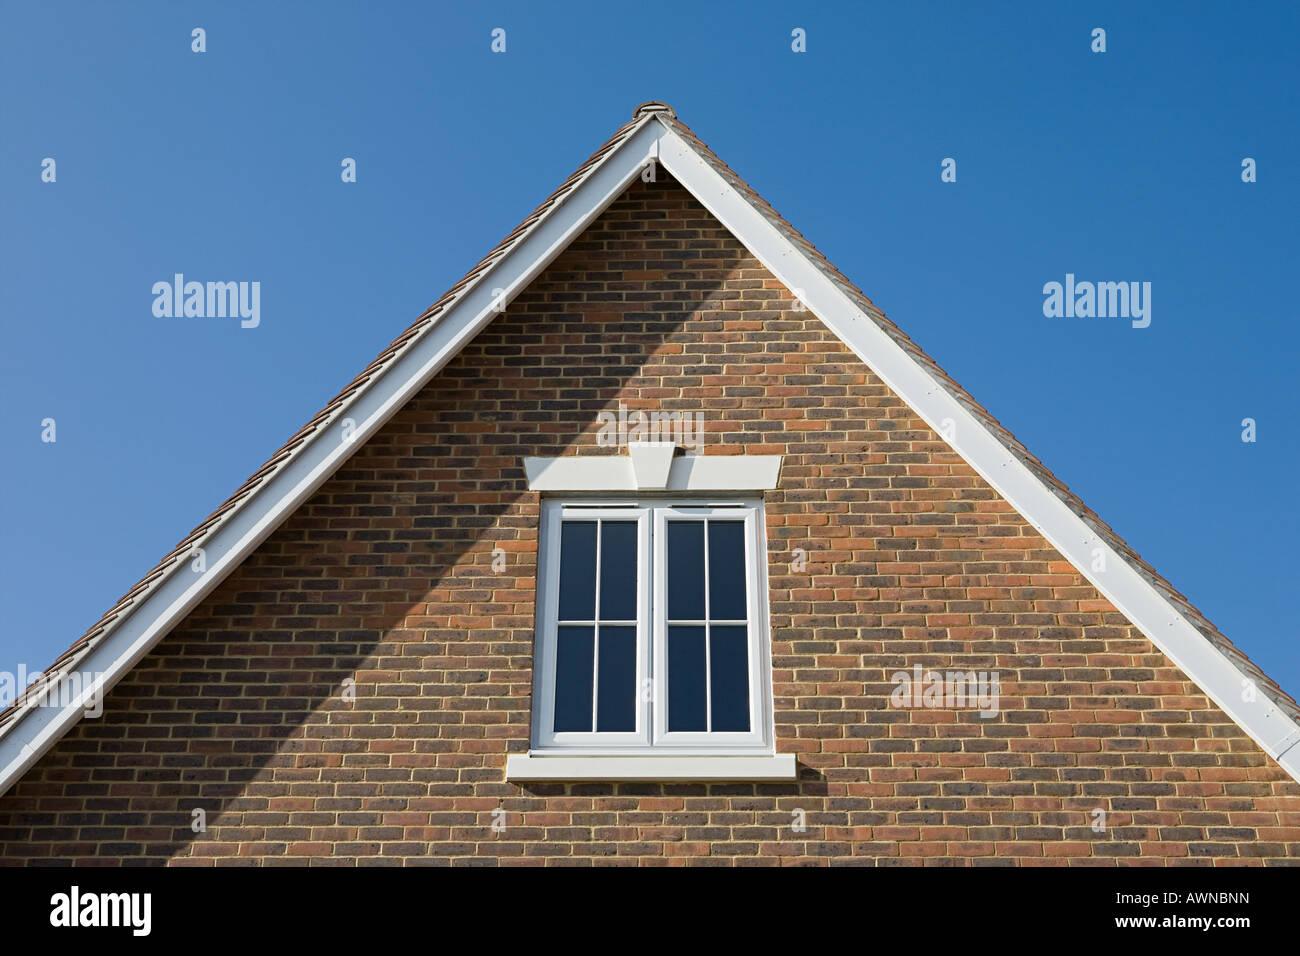 Chambre Photo Stock